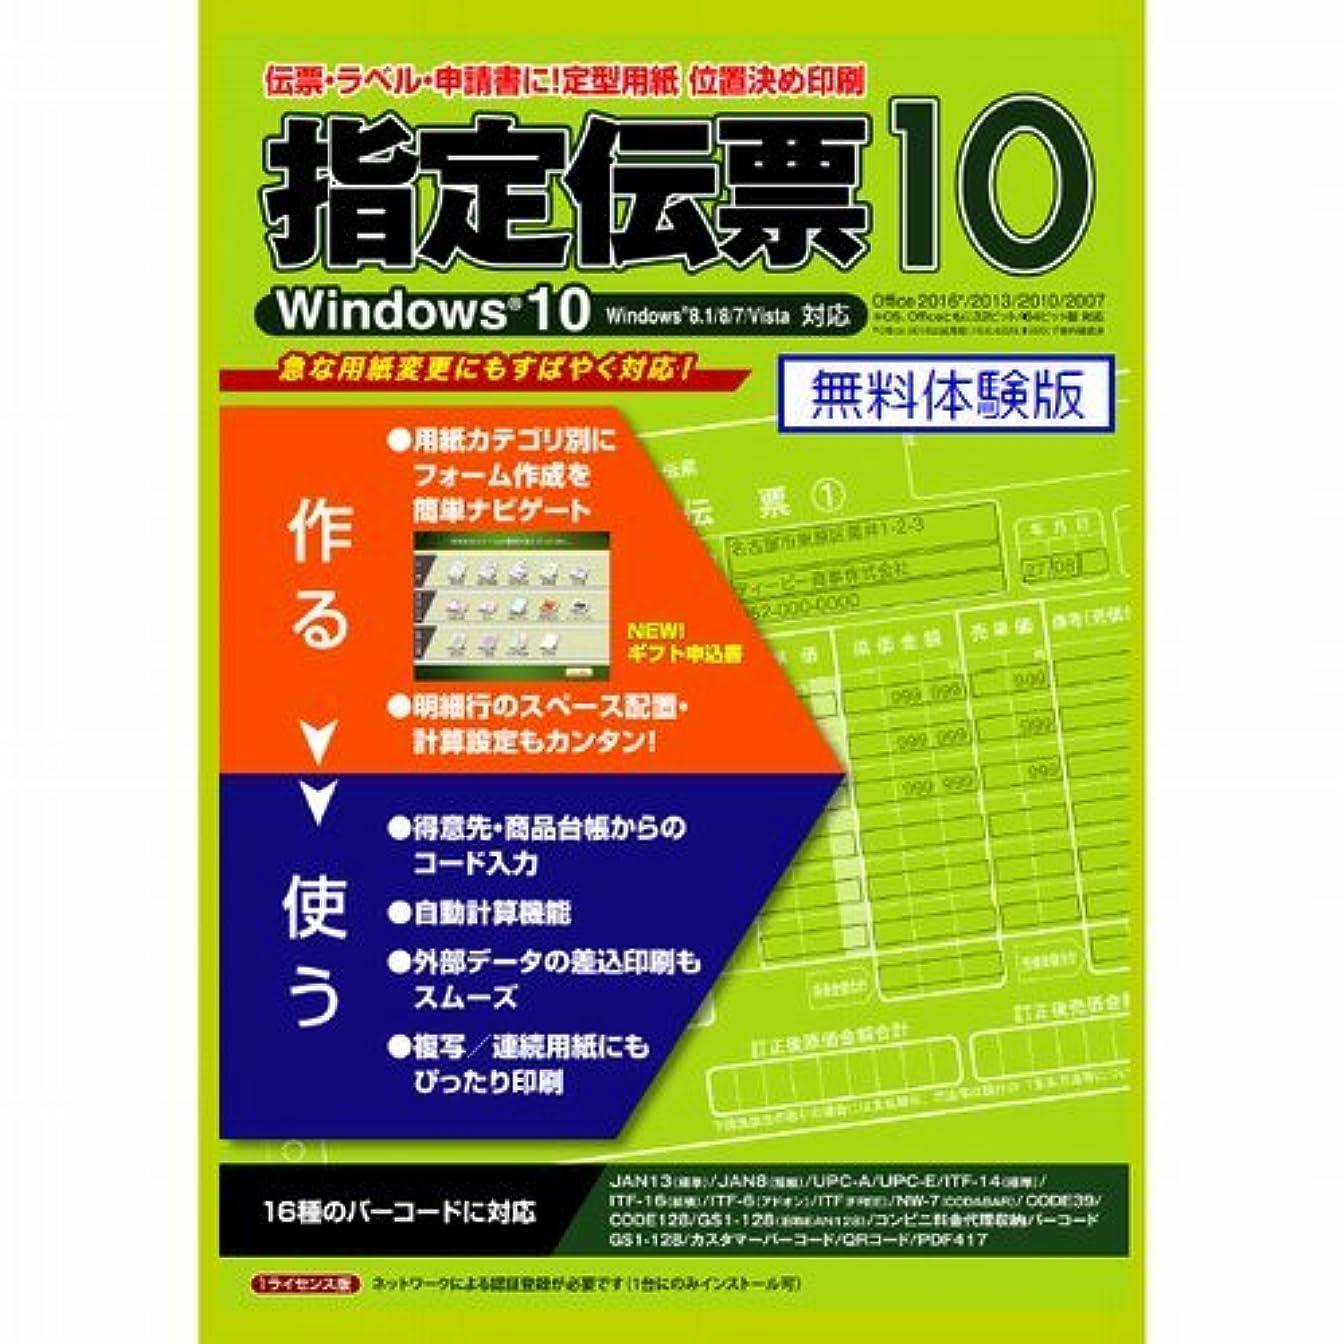 不可能な杖ラインナップ指定伝票 10 無料体験版 [ダウンロード]